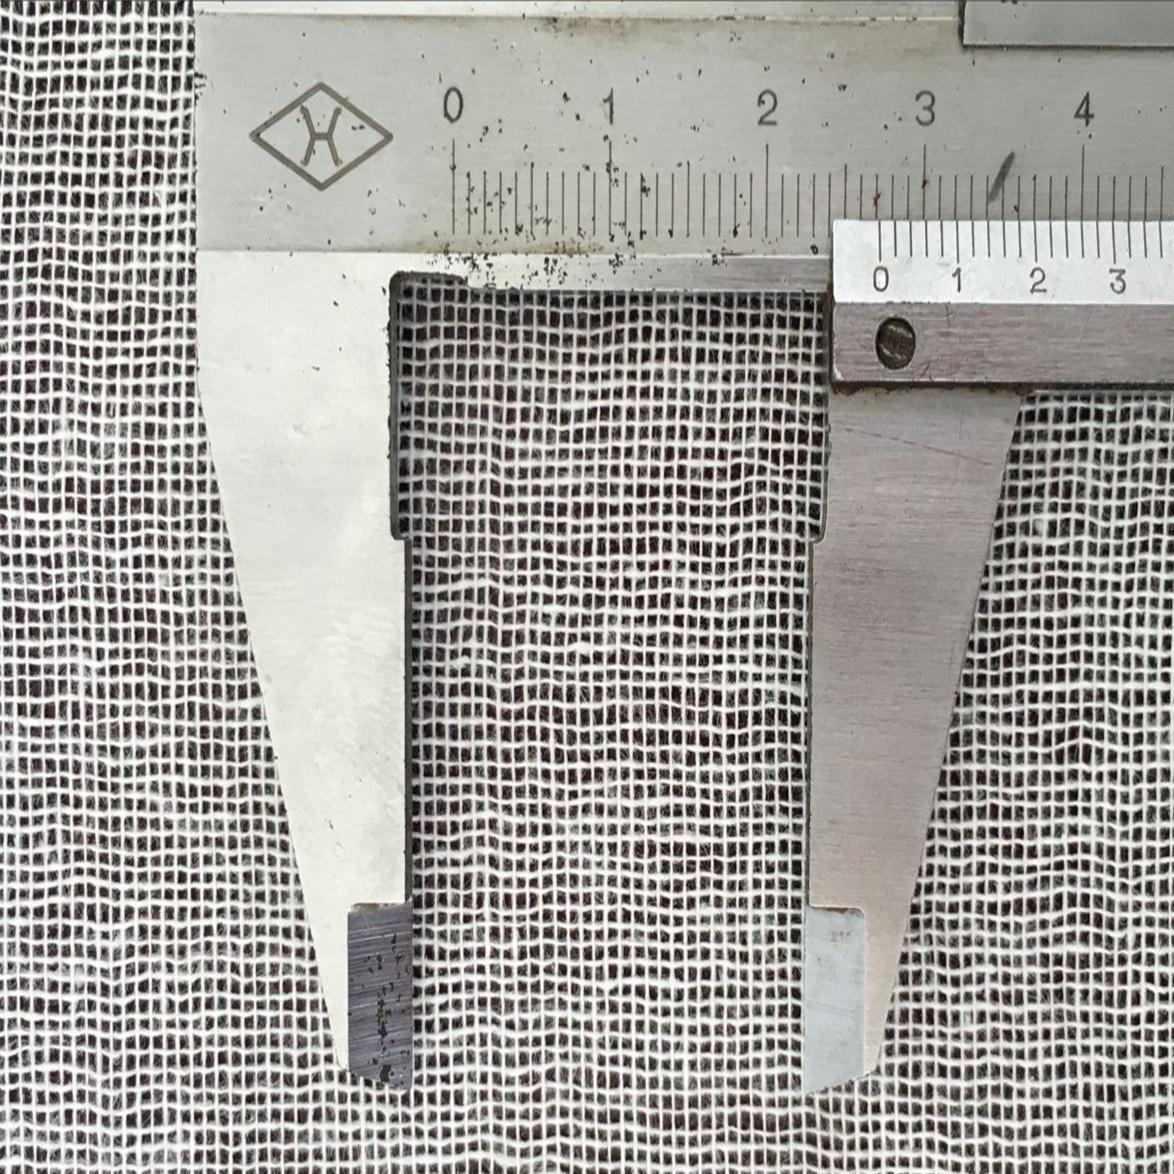 江苏源头厂家漂白脱脂纱布卷口罩布模具普梳平纹单层工业擦拭用布